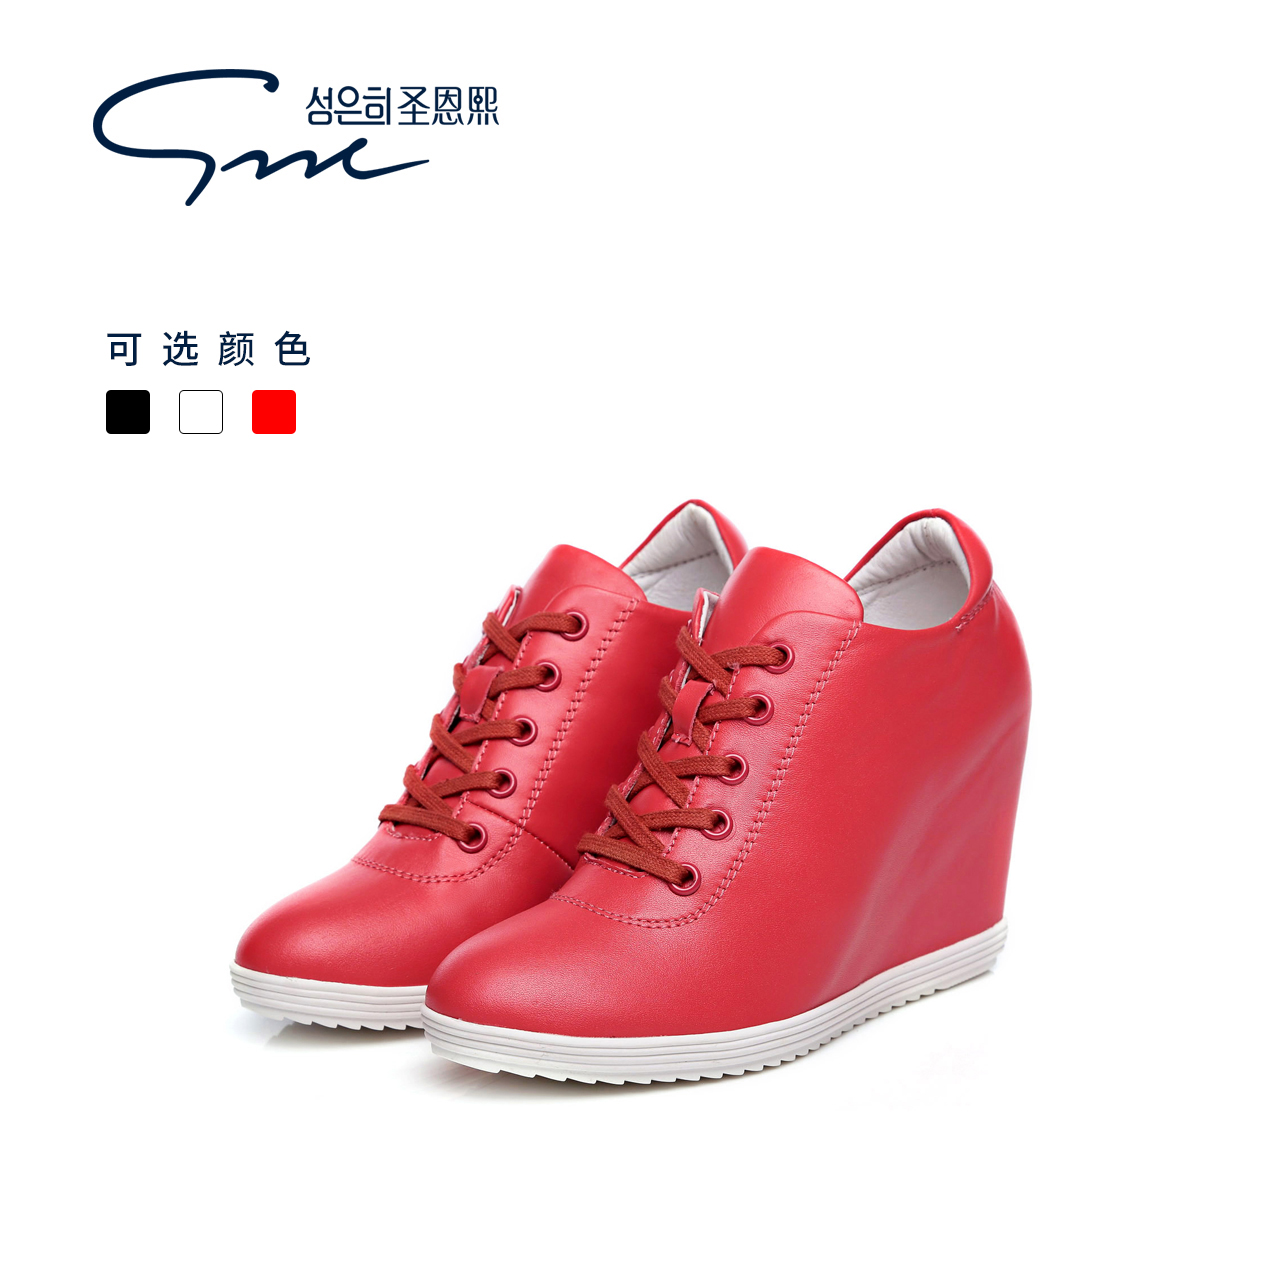 圣恩熙 鞋子女2018新款内增高女鞋8cm韩版百搭皮鞋显瘦高帮鞋女